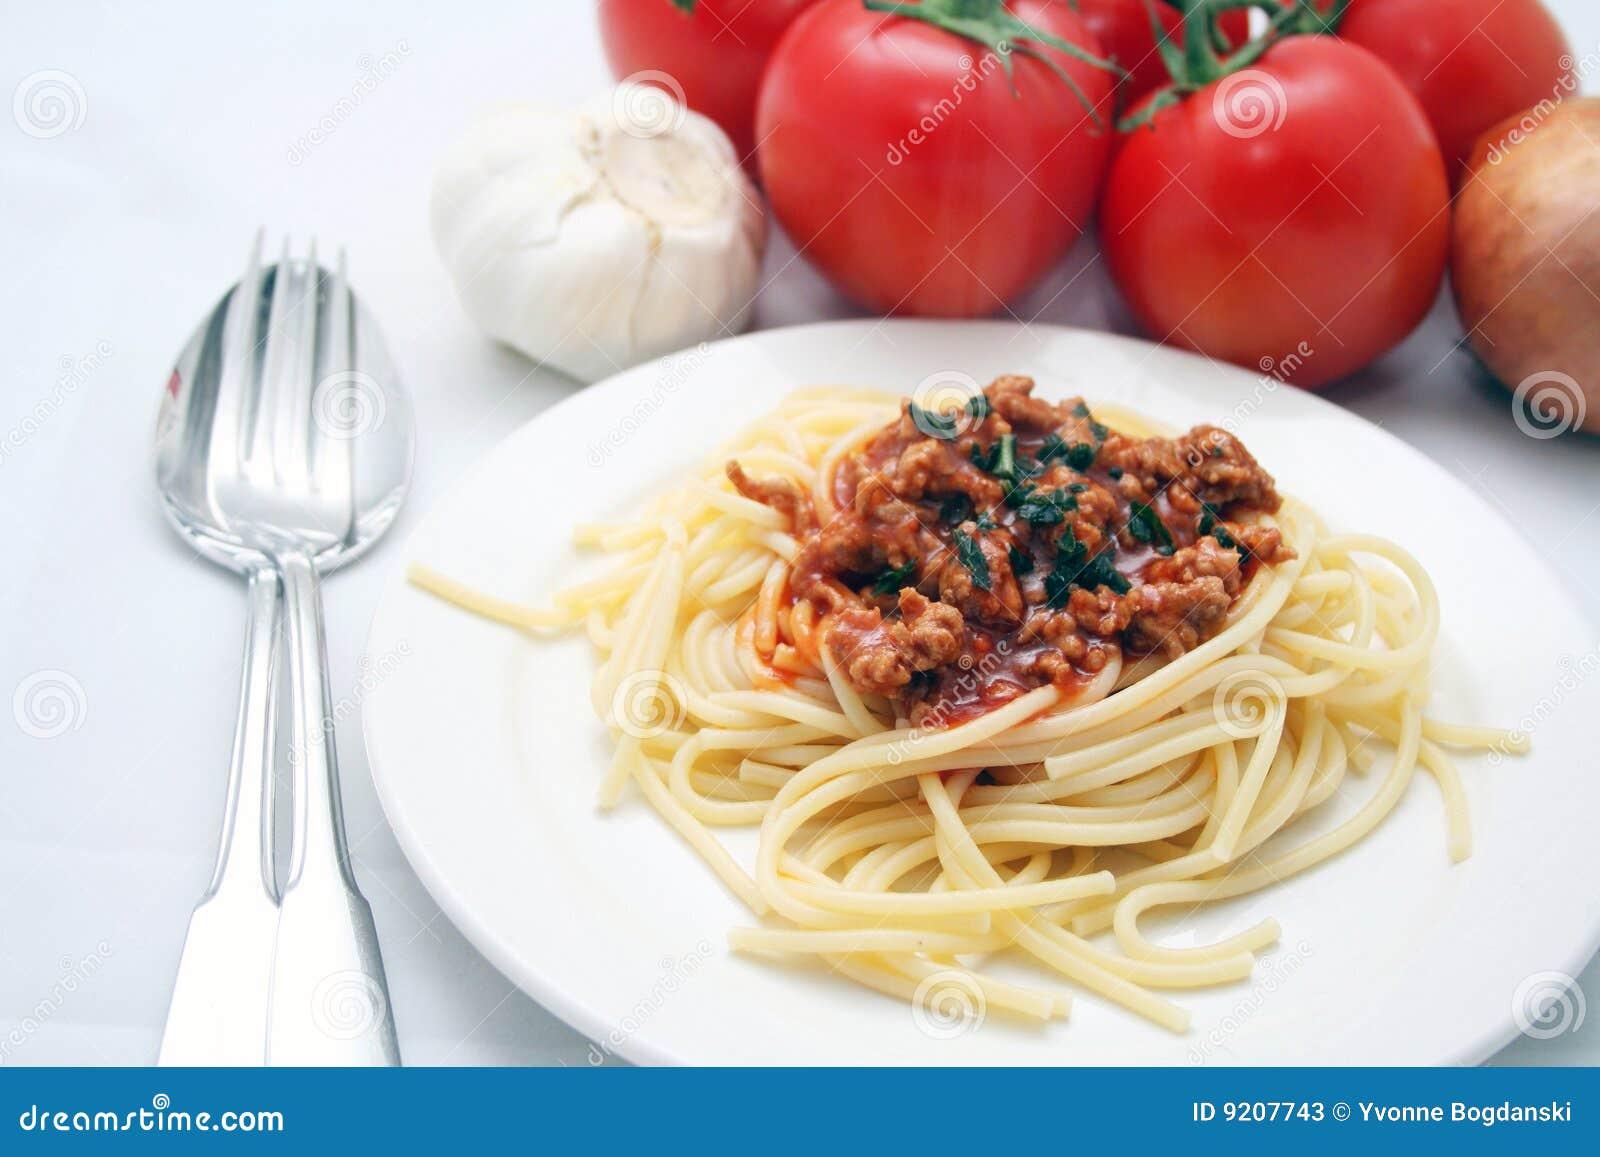 fresh pasta business plan